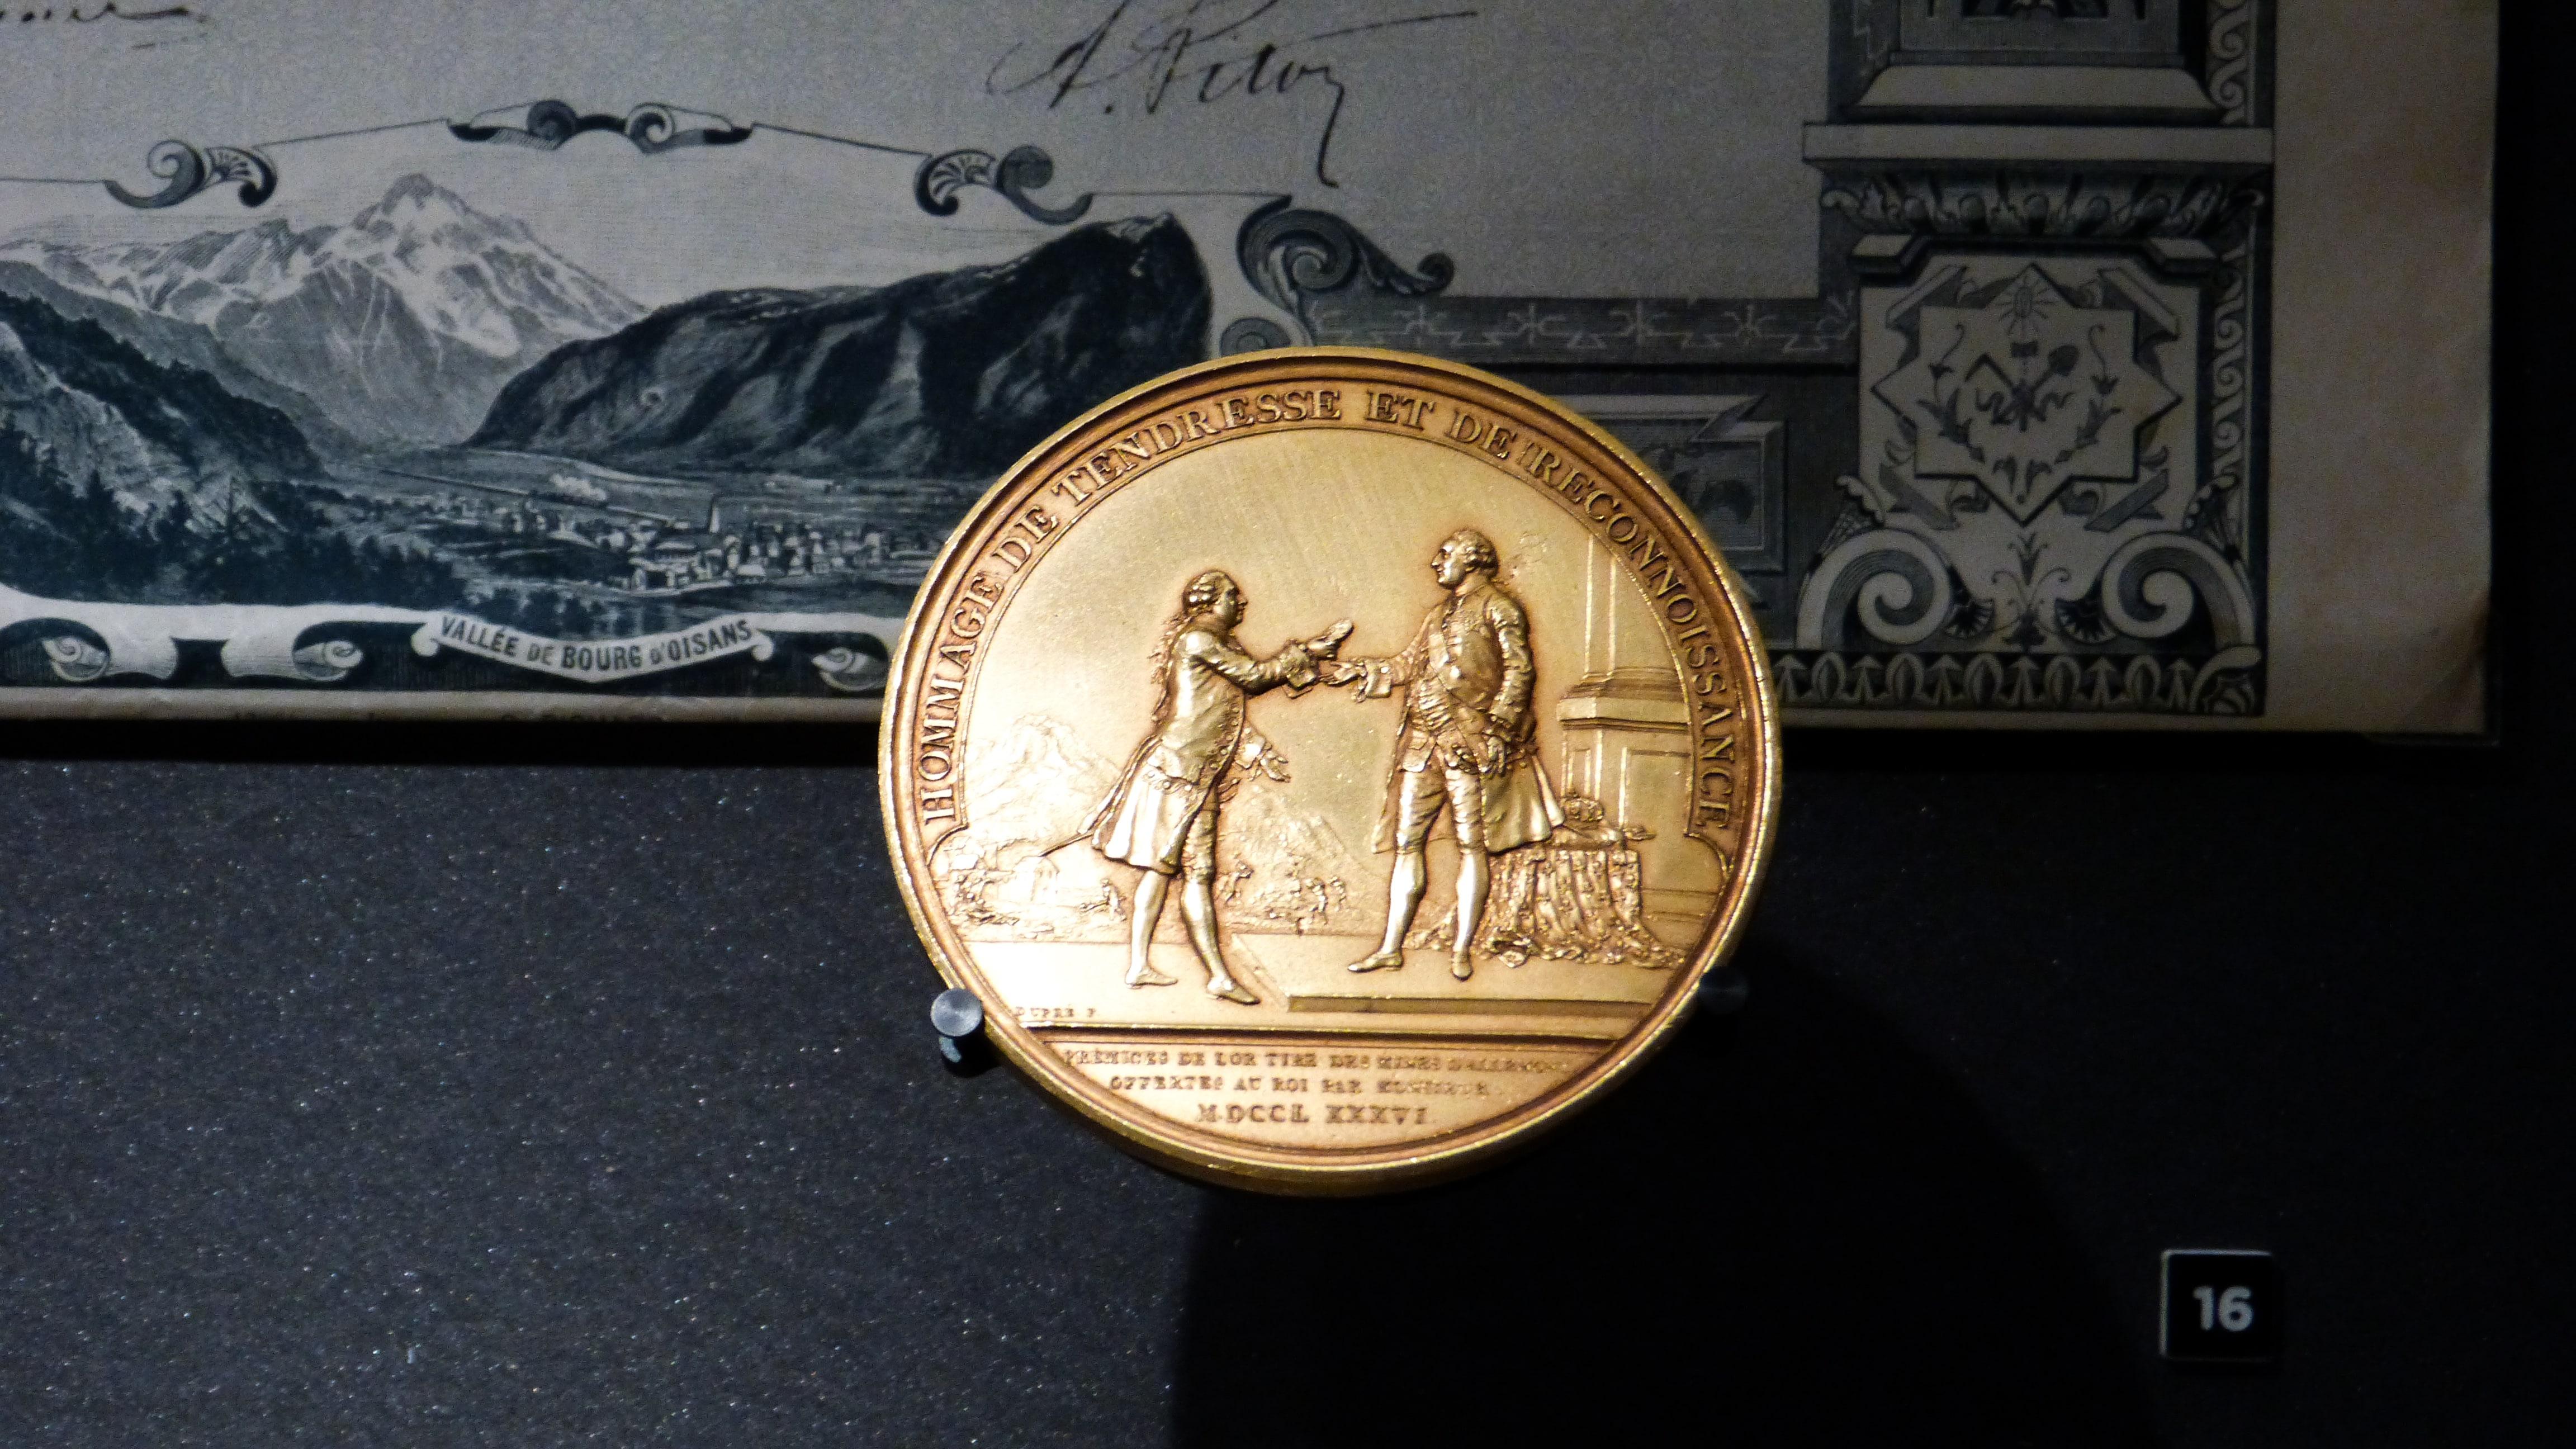 En plein cœur de la capitale, découvrez la Monnaie de Paris, un musée où étaient frappées les pièces auparavant.